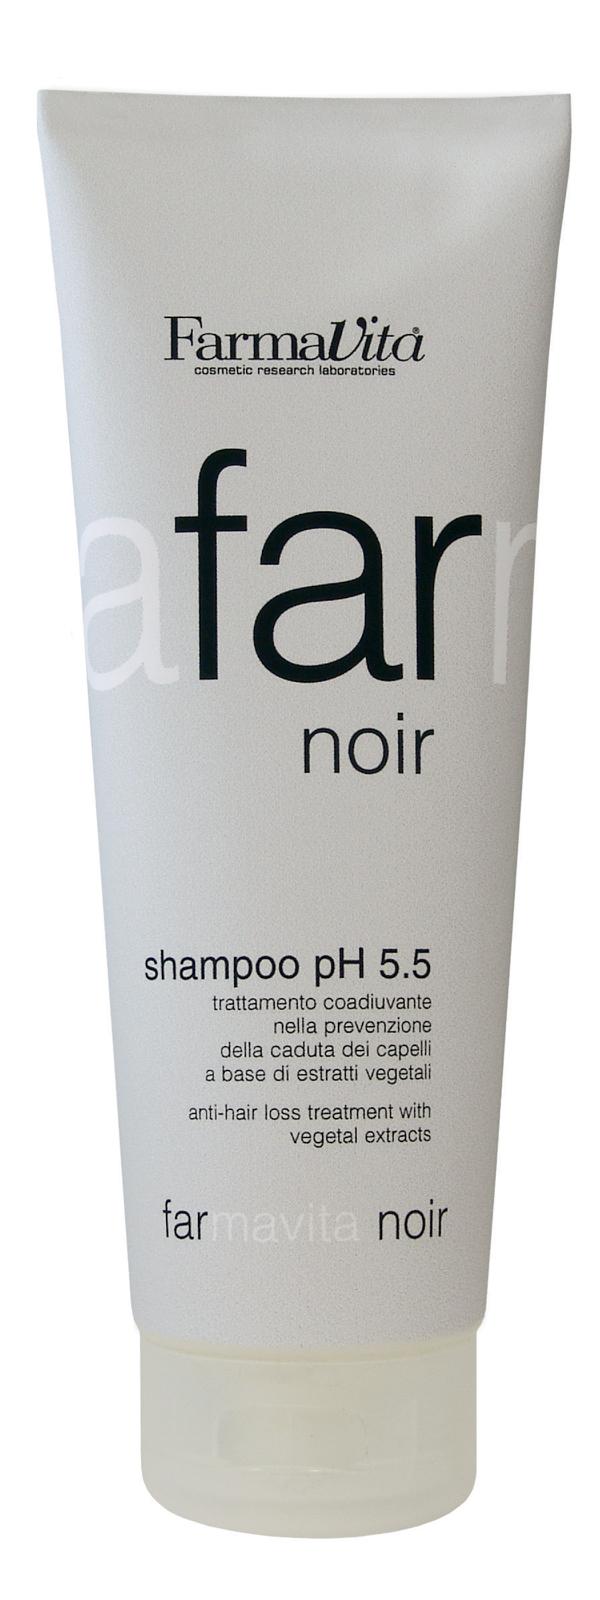 FARMAVITA Шампунь специальный д/мужчин Farmavita Noir Shampoo ph 5.5 / FARMAVITA NOIR LINE 250 млВолосы<br>Специальный шампунь, предотвращающий выпадение волос, на базе растительных экстрактов. Разработан специально для мужчин. Предупреждает выпадение волос, вызванное гормональным сбоем, стрессом, воздействием окружающей среды, дисбалансом, воспалением кожи головы и сменой сезонов года. Подходит для всех типов кожи. Активные ингредиенты: содержит 20 растительных экстрактов Средиземноморья. Розмарин, горная арника, шалфей и зверобой, входящие в состав FARMAVITA NOIR улучшают состояние кожи, которое было нарушено усиленной работой сальных желез и образованием перхоти, делают волосы здоровыми и блестящими. Экстракт перечной мяты дает приятное и продолжительное ощущение свежести. Способ применения: нанести на мокрые волосы, вмассировать. Промыть водой. При необходимости повторить. Для интенсивного воздействия использовать с  Специальным лосьоном против выпадения волос для мужчин . Пожходит для всех типов кожи головы.<br><br>Объем: 250 мл<br>Пол: Мужской<br>Назначение: Выпадение